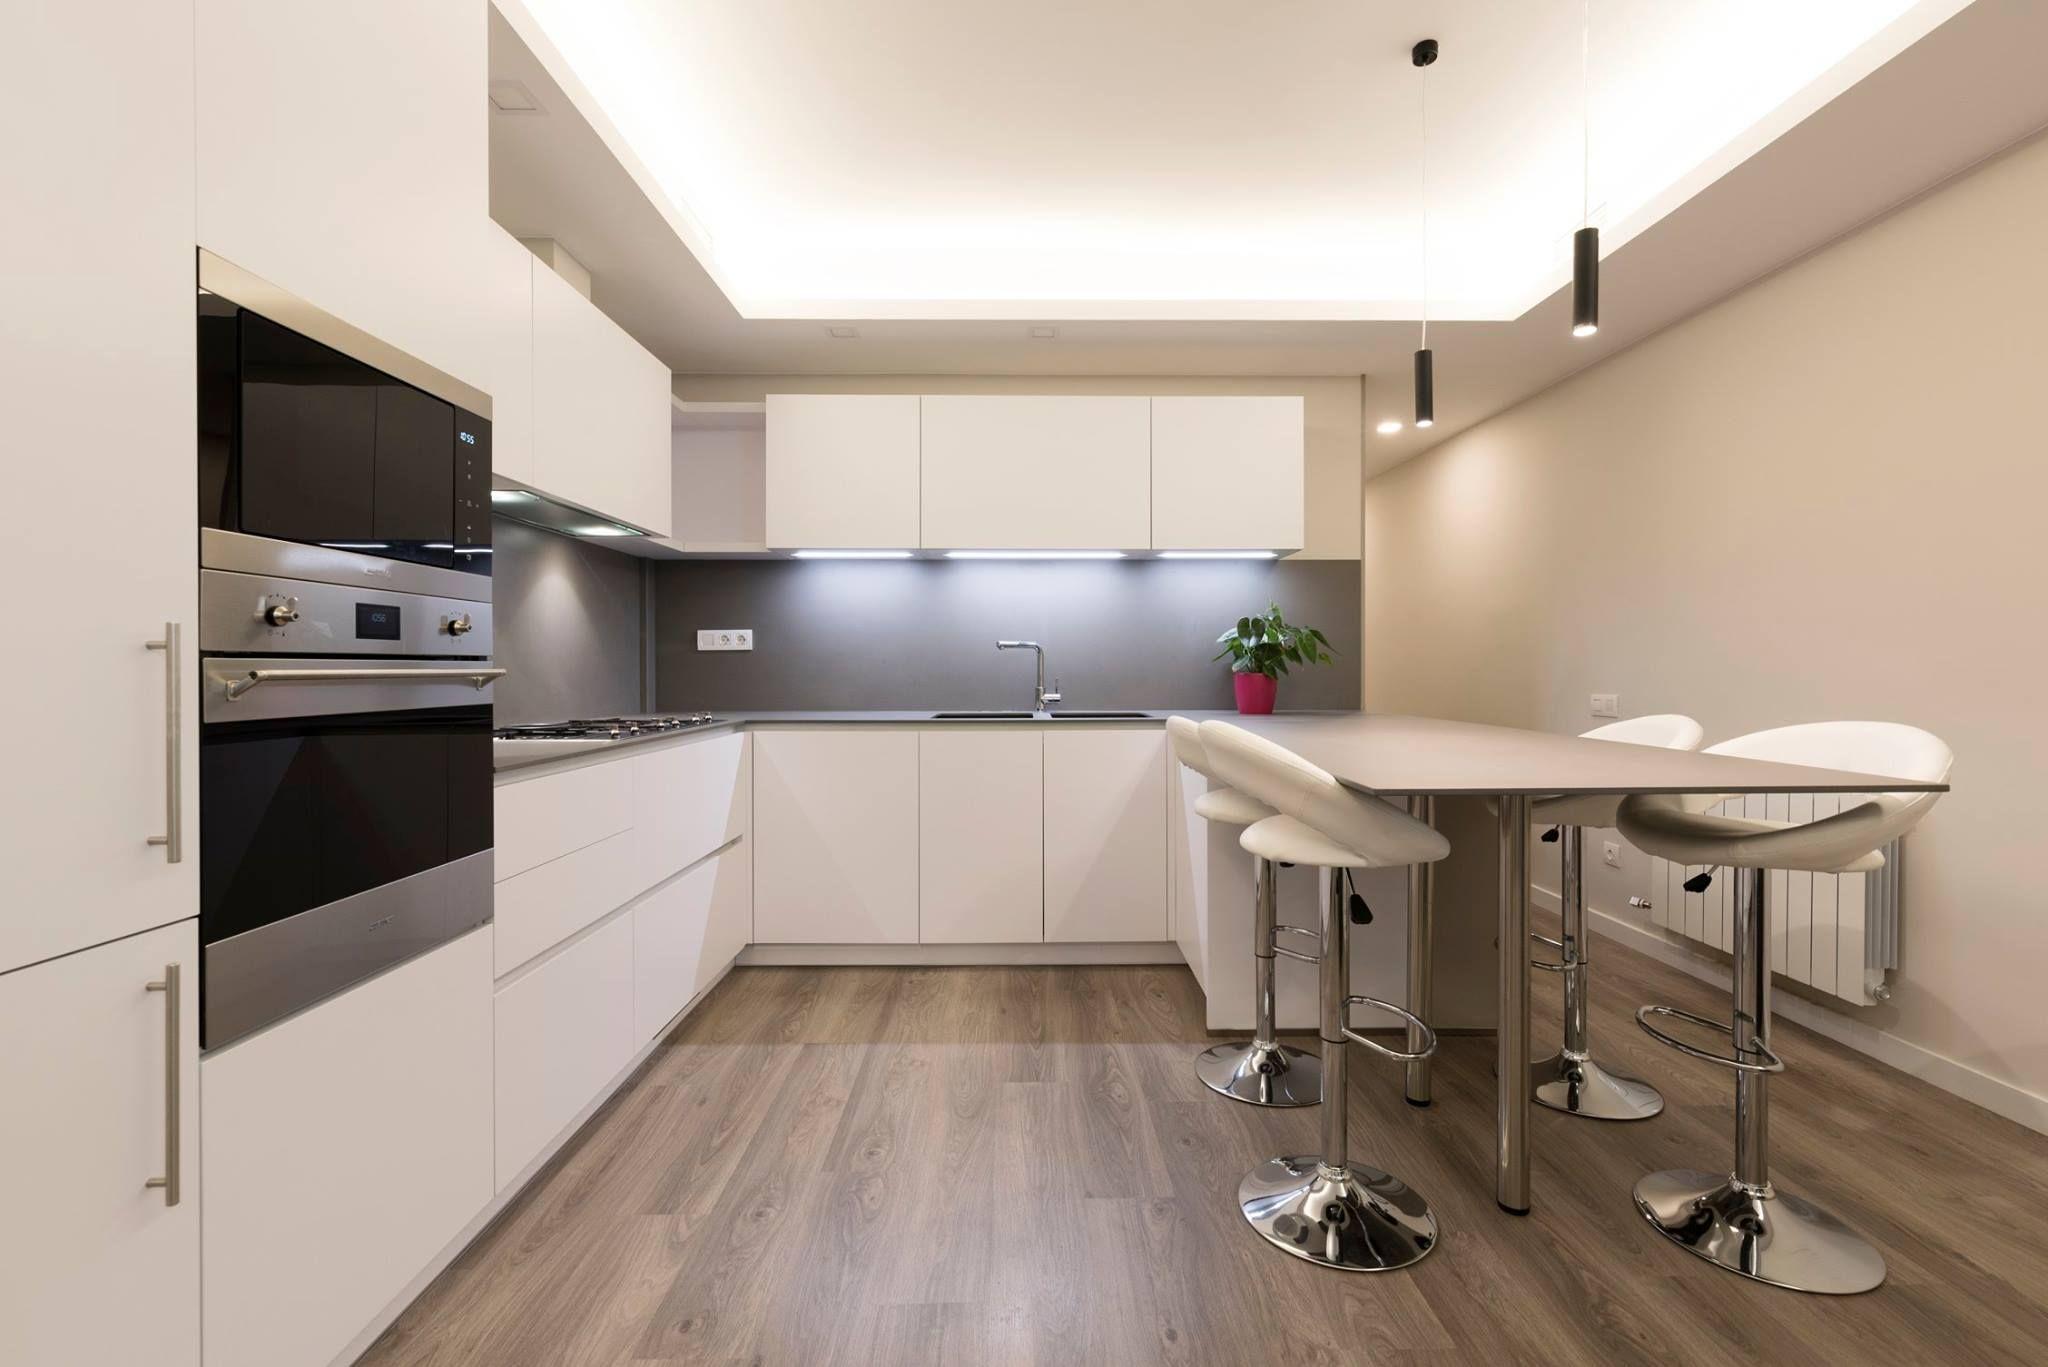 Magnífico Gris Y Blanco Ideas De Cocina Imágenes - Ideas de ...